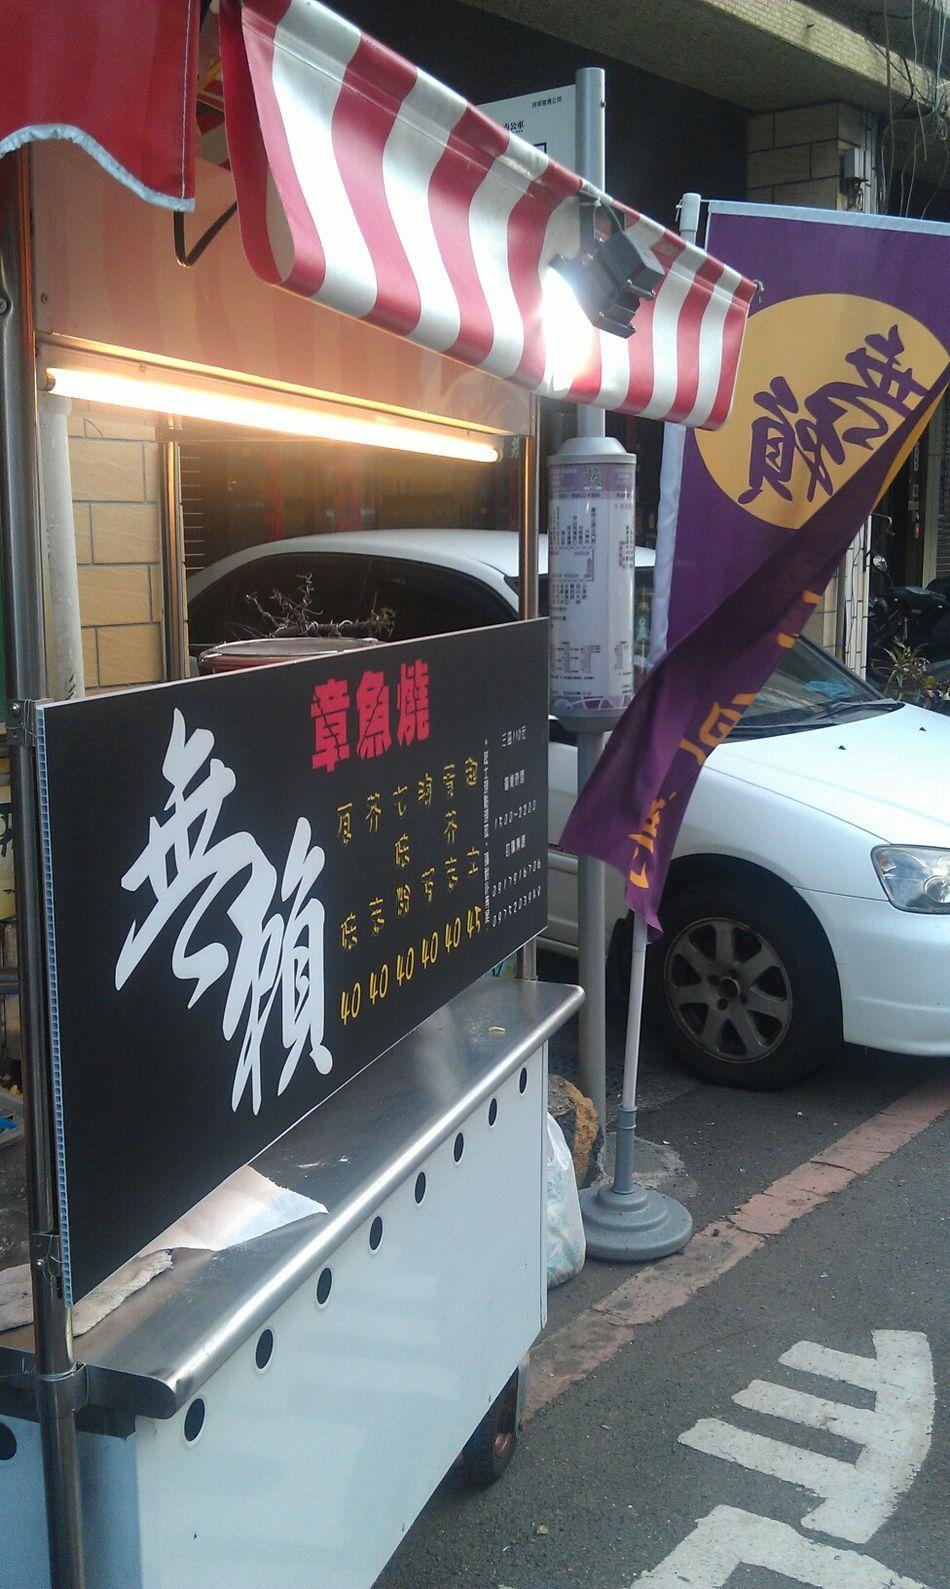 台南 臺灣 Taiwan Tainan 章魚燒 小吃 點心